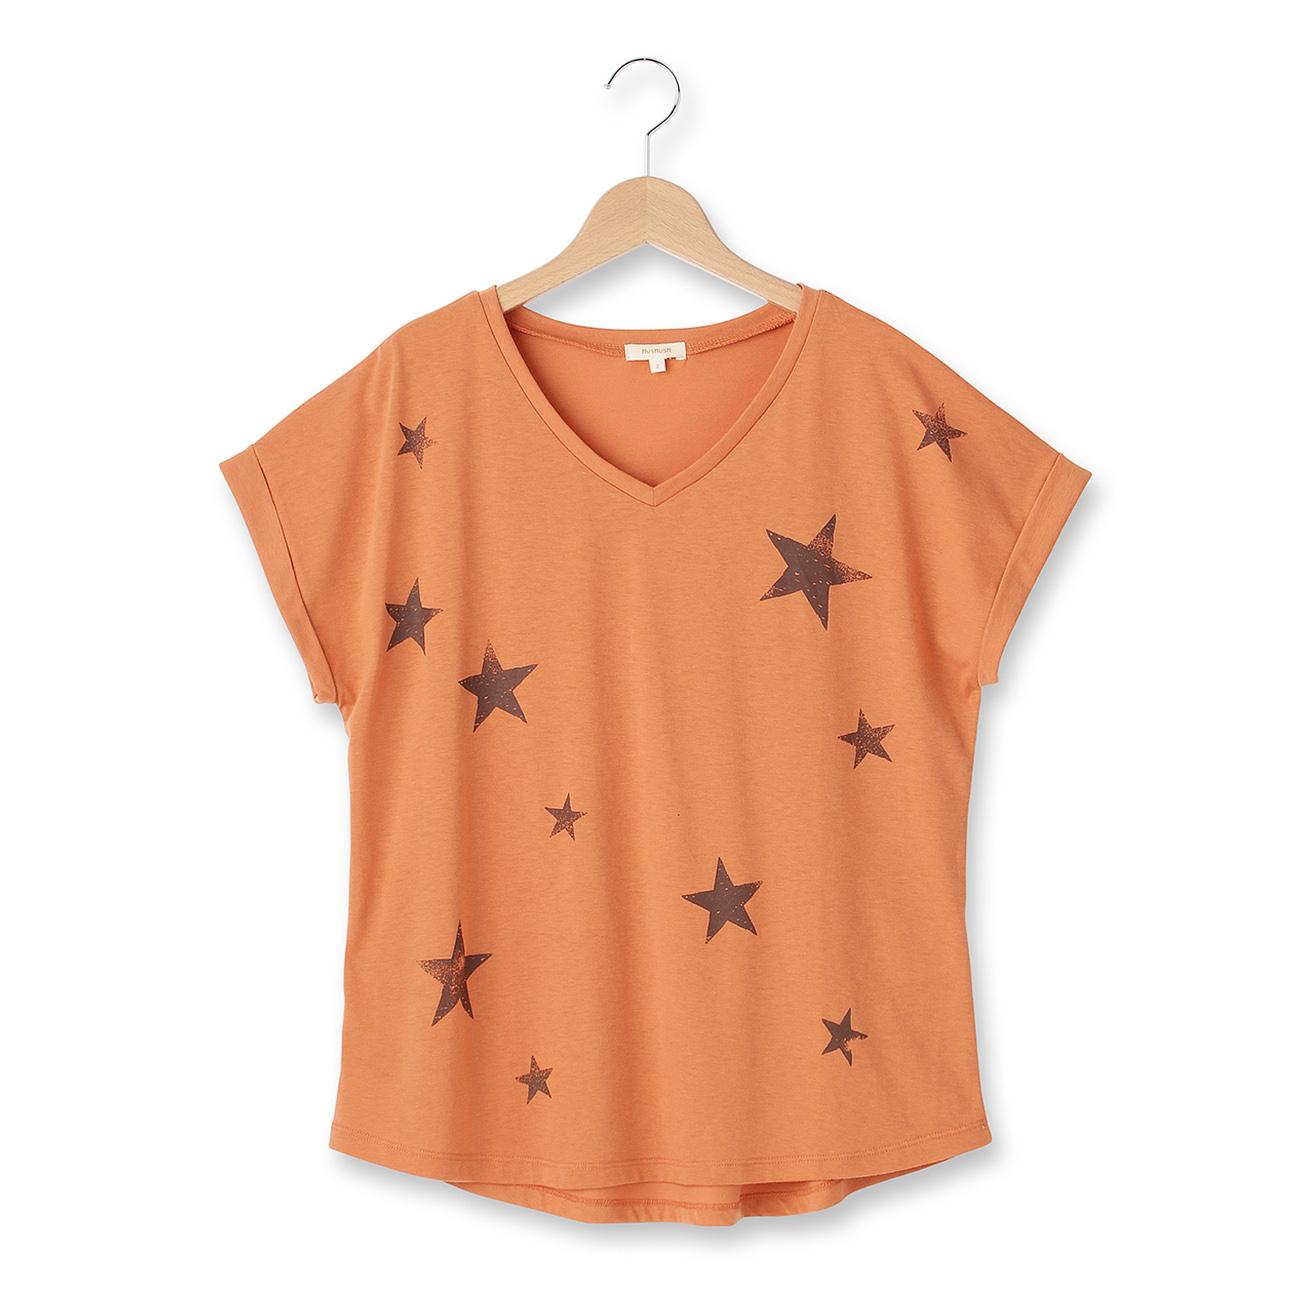 【HusHusH (ハッシュアッシュ)】◆スタープリントTシャツレディース トップス|カットソー・Tシャツ キャメル